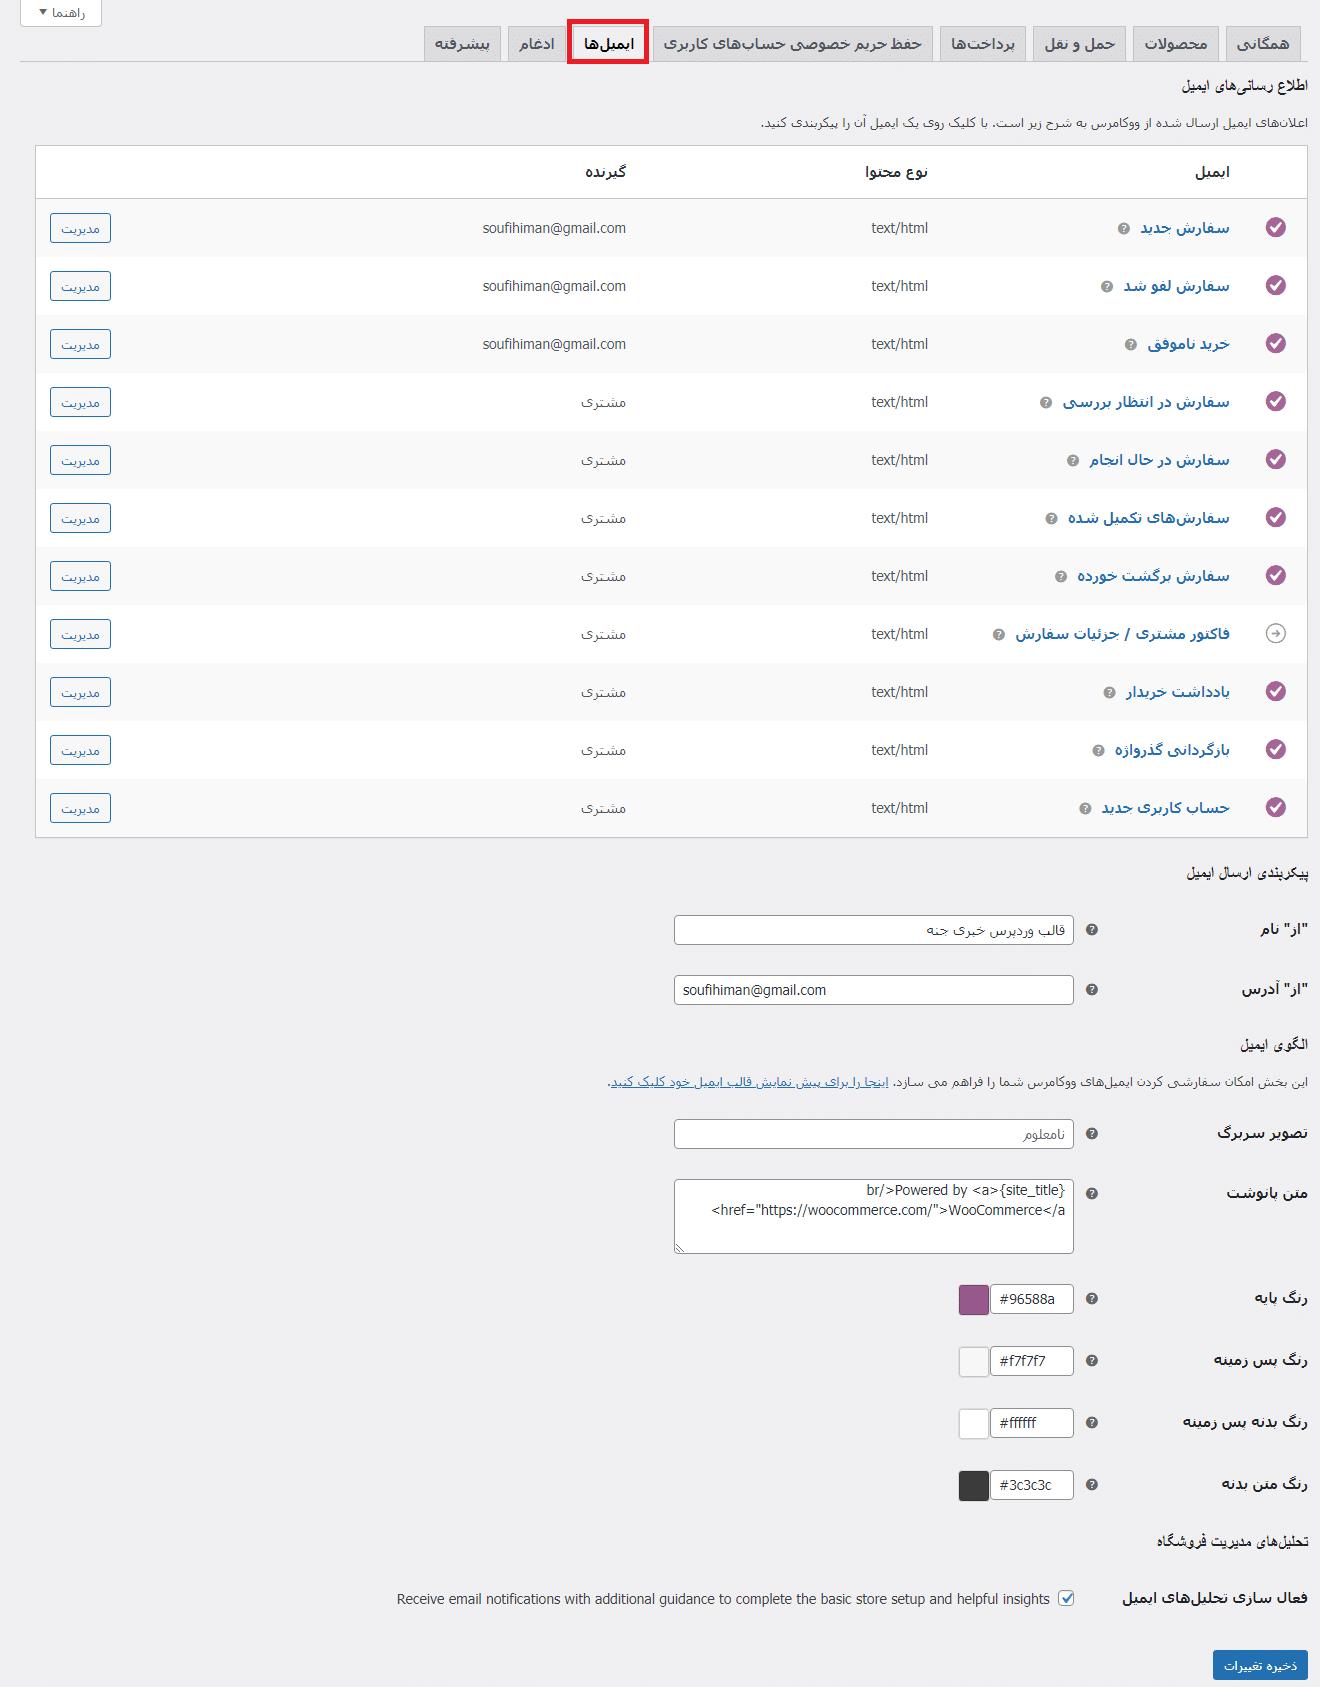 تنظیمات ایمیل ووکامرس